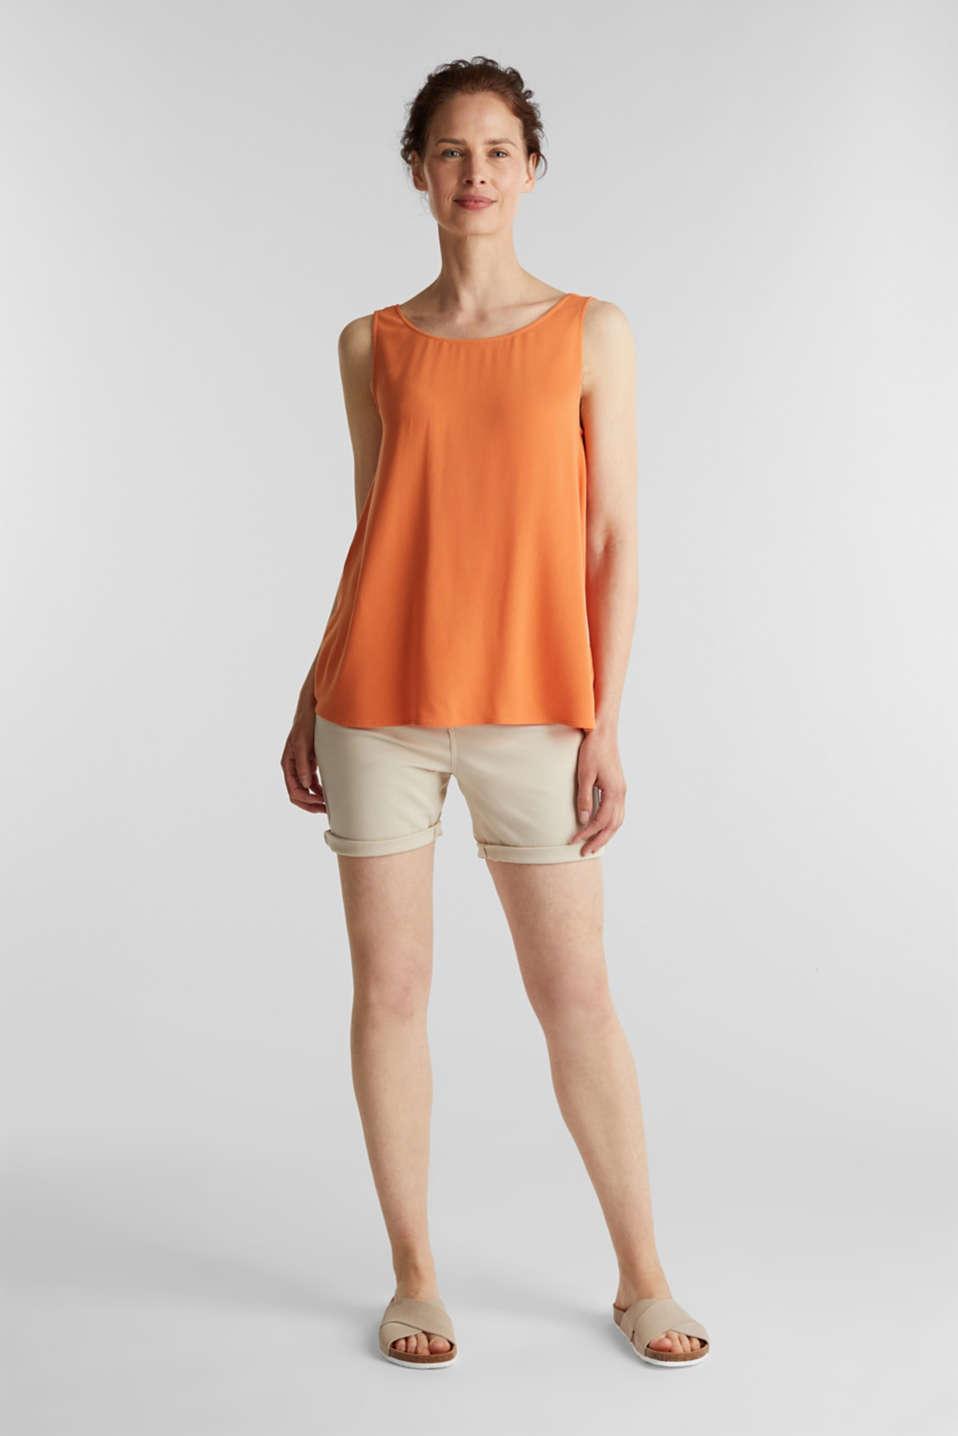 Flowing crepe blouse top, RUST ORANGE, detail image number 1